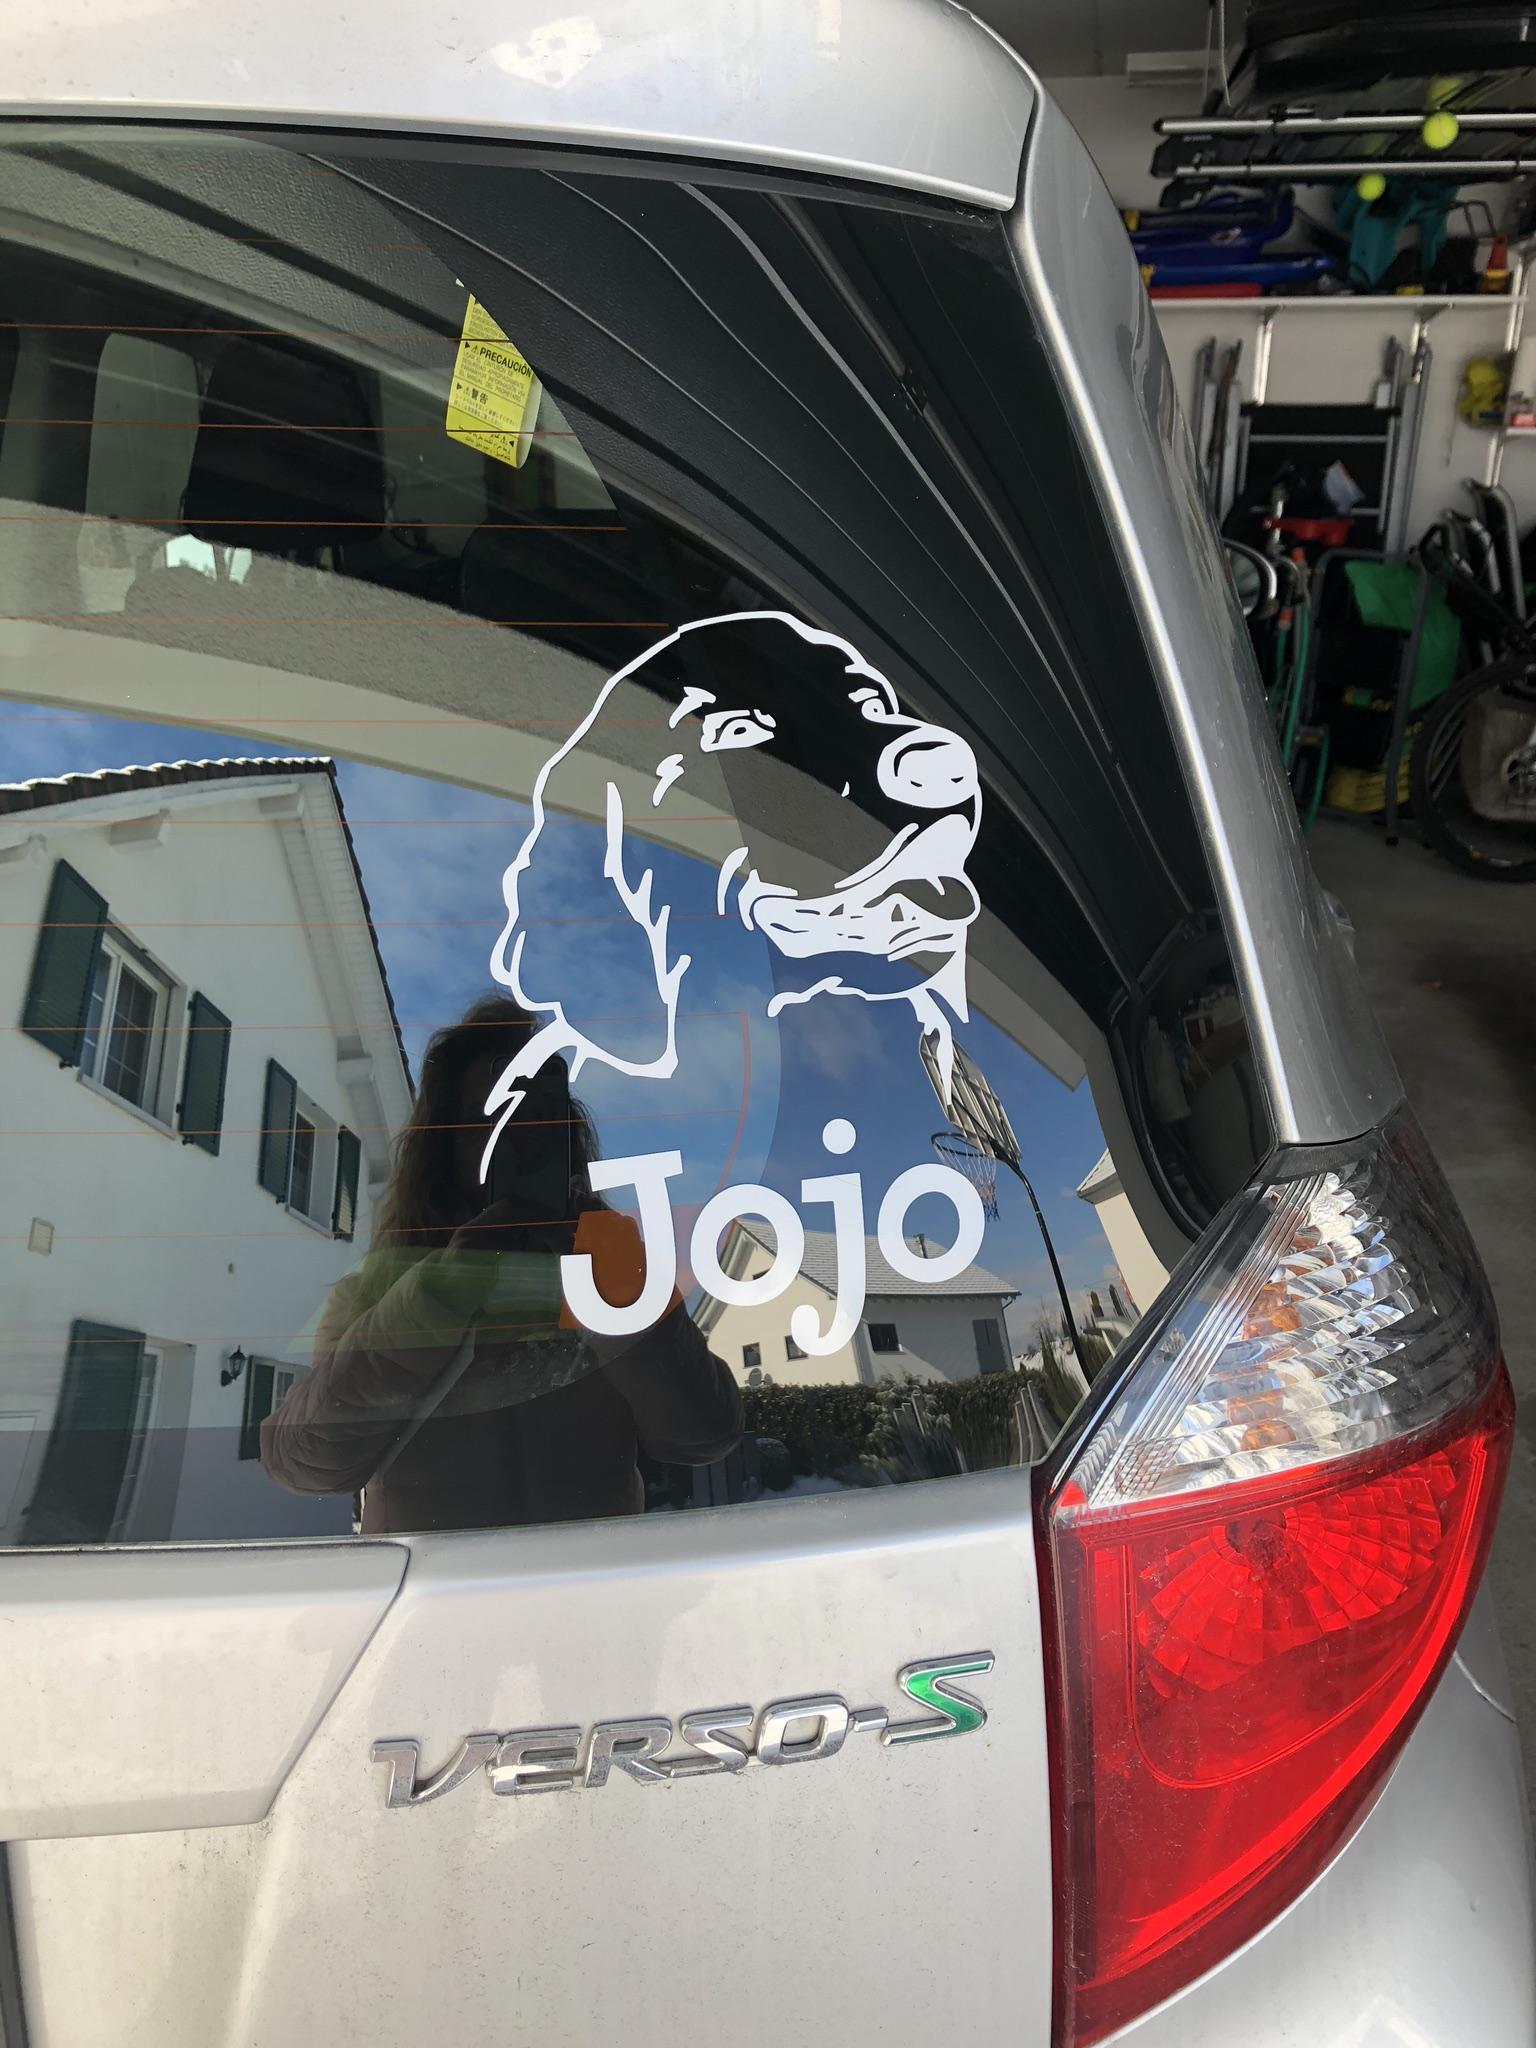 Damit alle wissen, dass ich im Jojo-Mobil sitze...